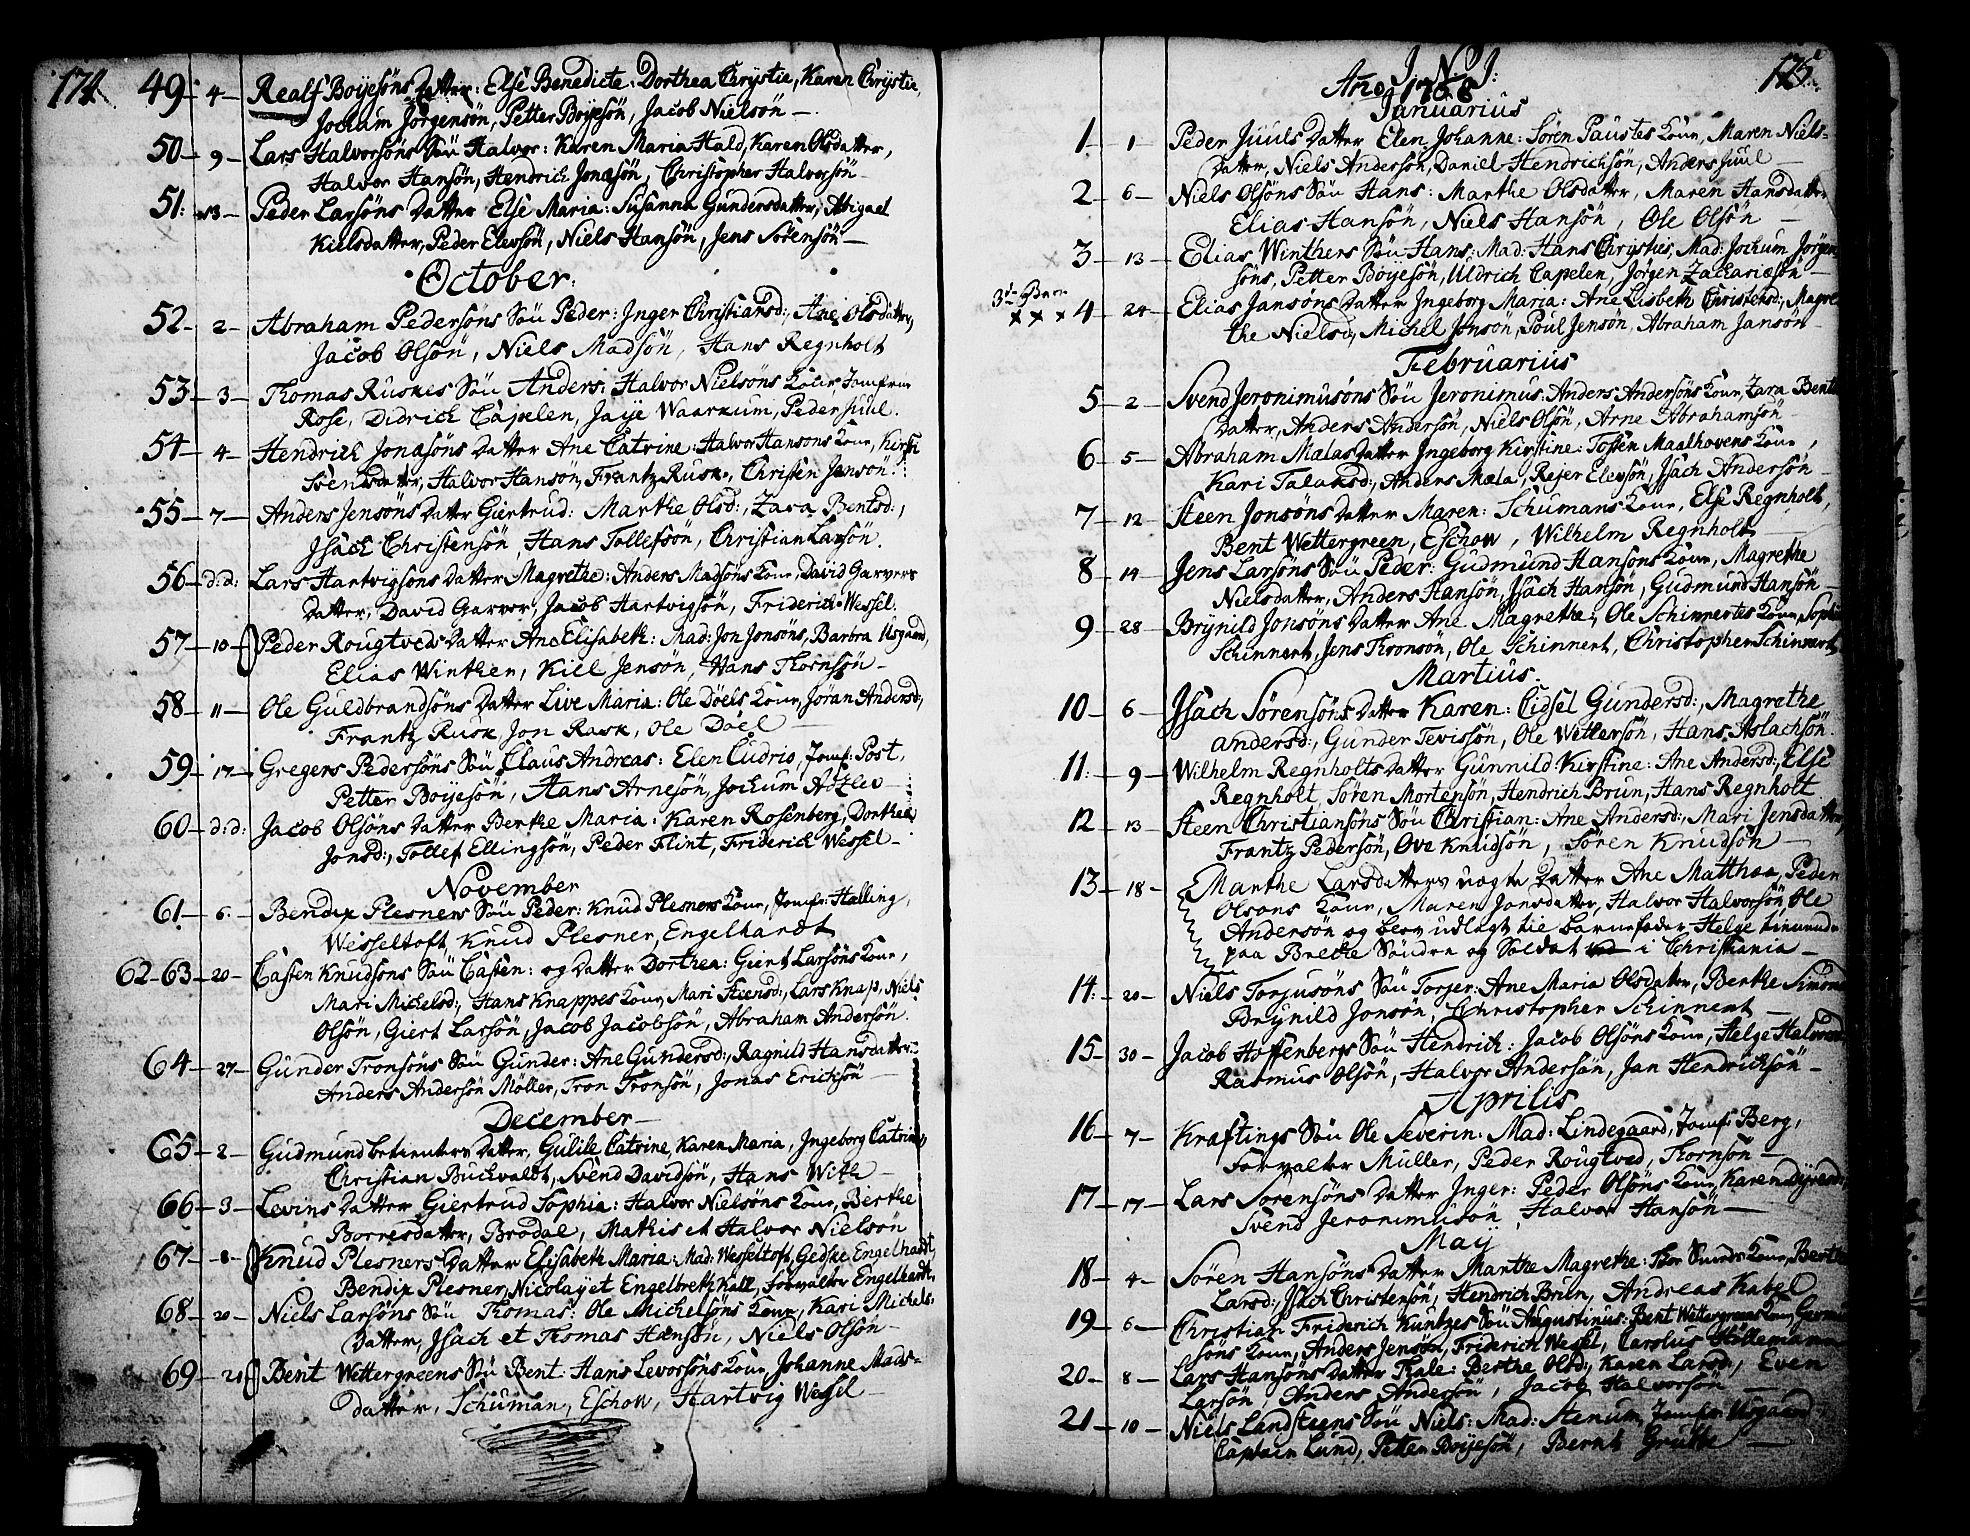 SAKO, Skien kirkebøker, F/Fa/L0003: Ministerialbok nr. 3, 1755-1791, s. 174-175